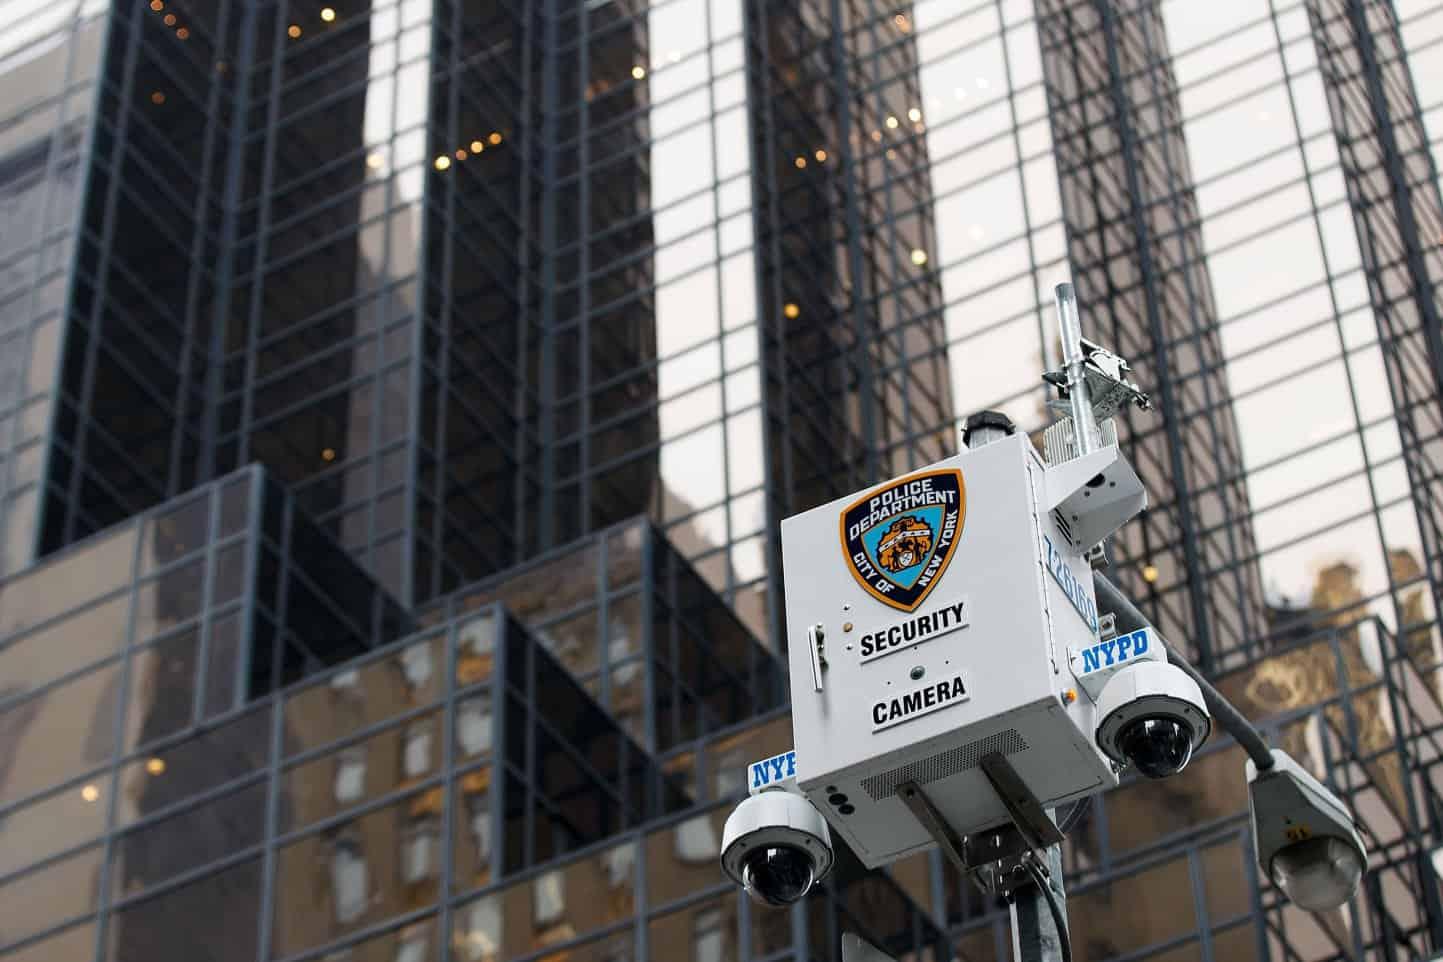 لماذا استخدمت شرطة نيويورك أداة مثيرة للجدل للتعرف على الوجوه؟